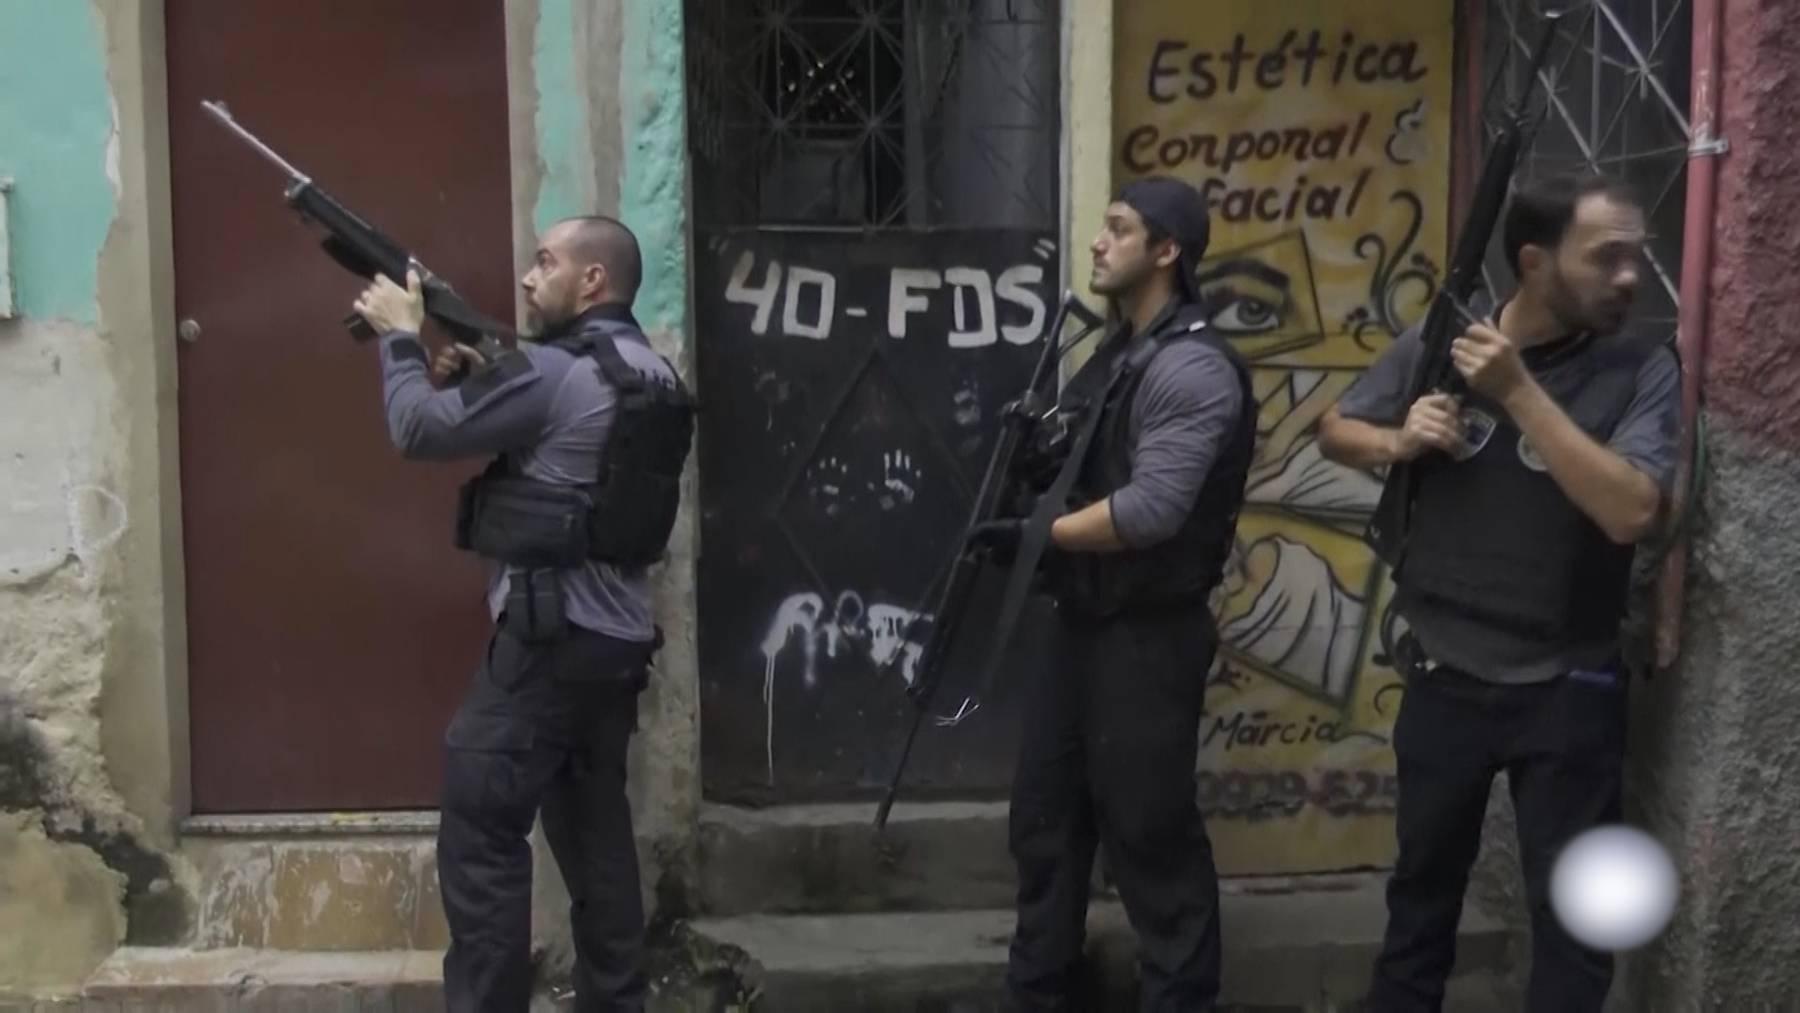 28 Menschen, unter ihnen 27 Verdächtige, kamen bei heftigen Gefechten zwischen mutmasslichen Drogenbanden und der Polizei ums Leben.